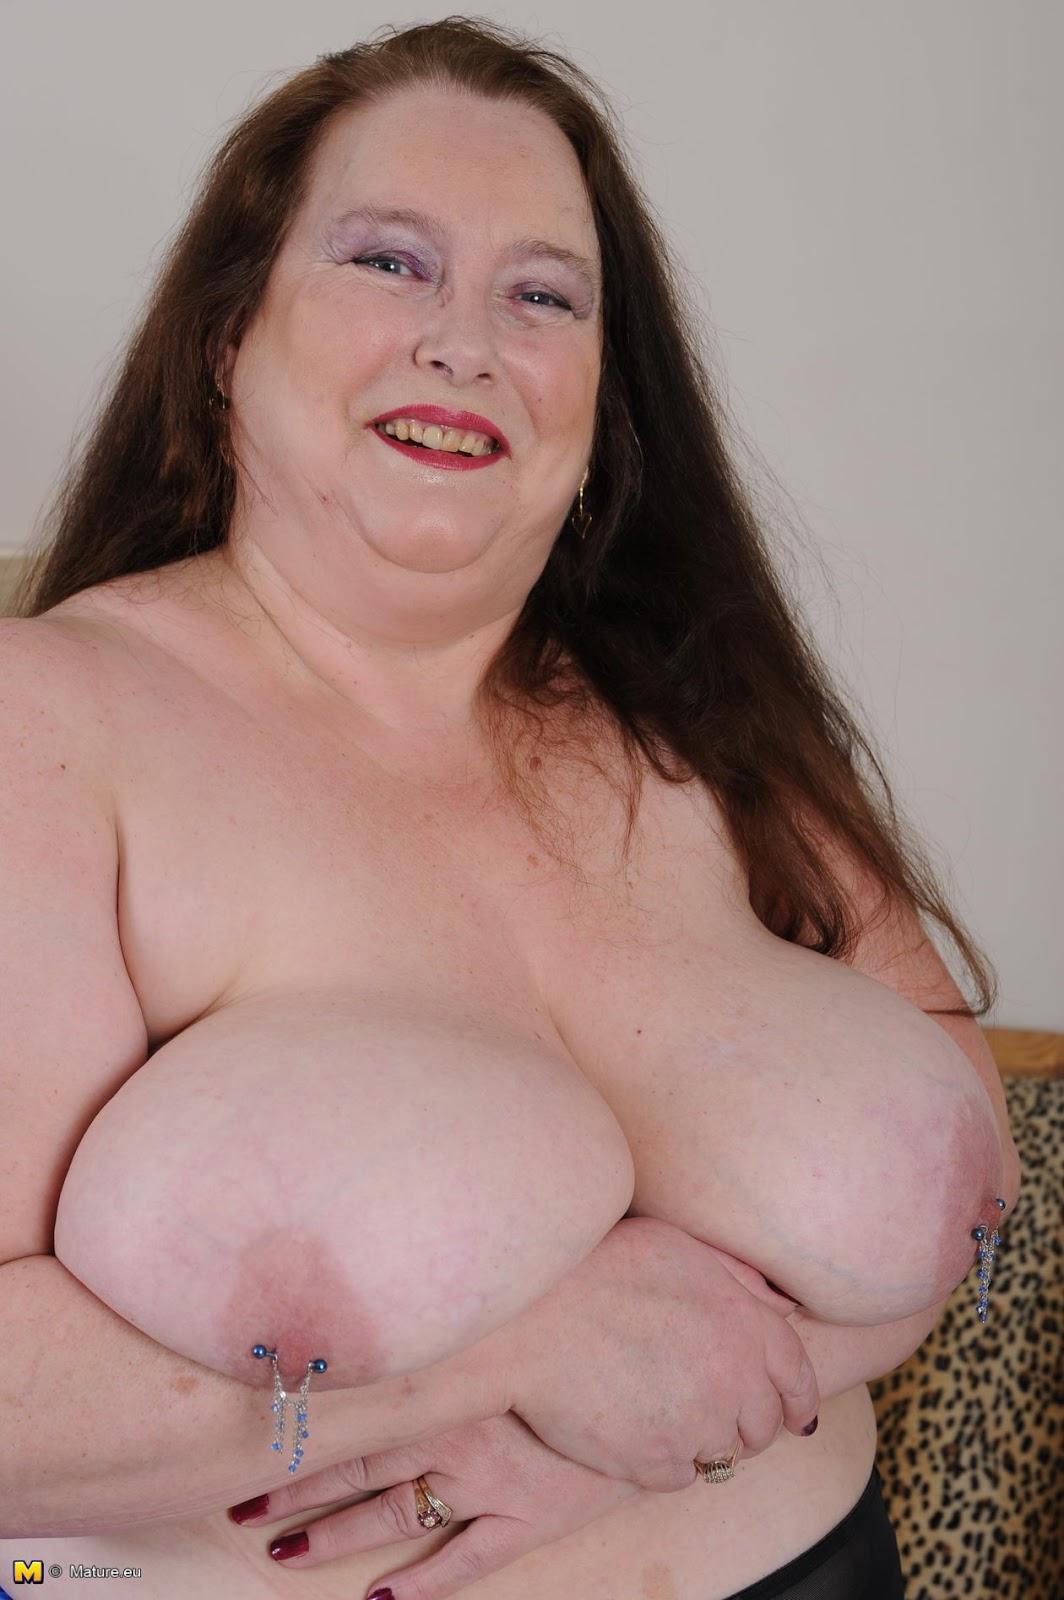 Nude Fat Ladies Pics